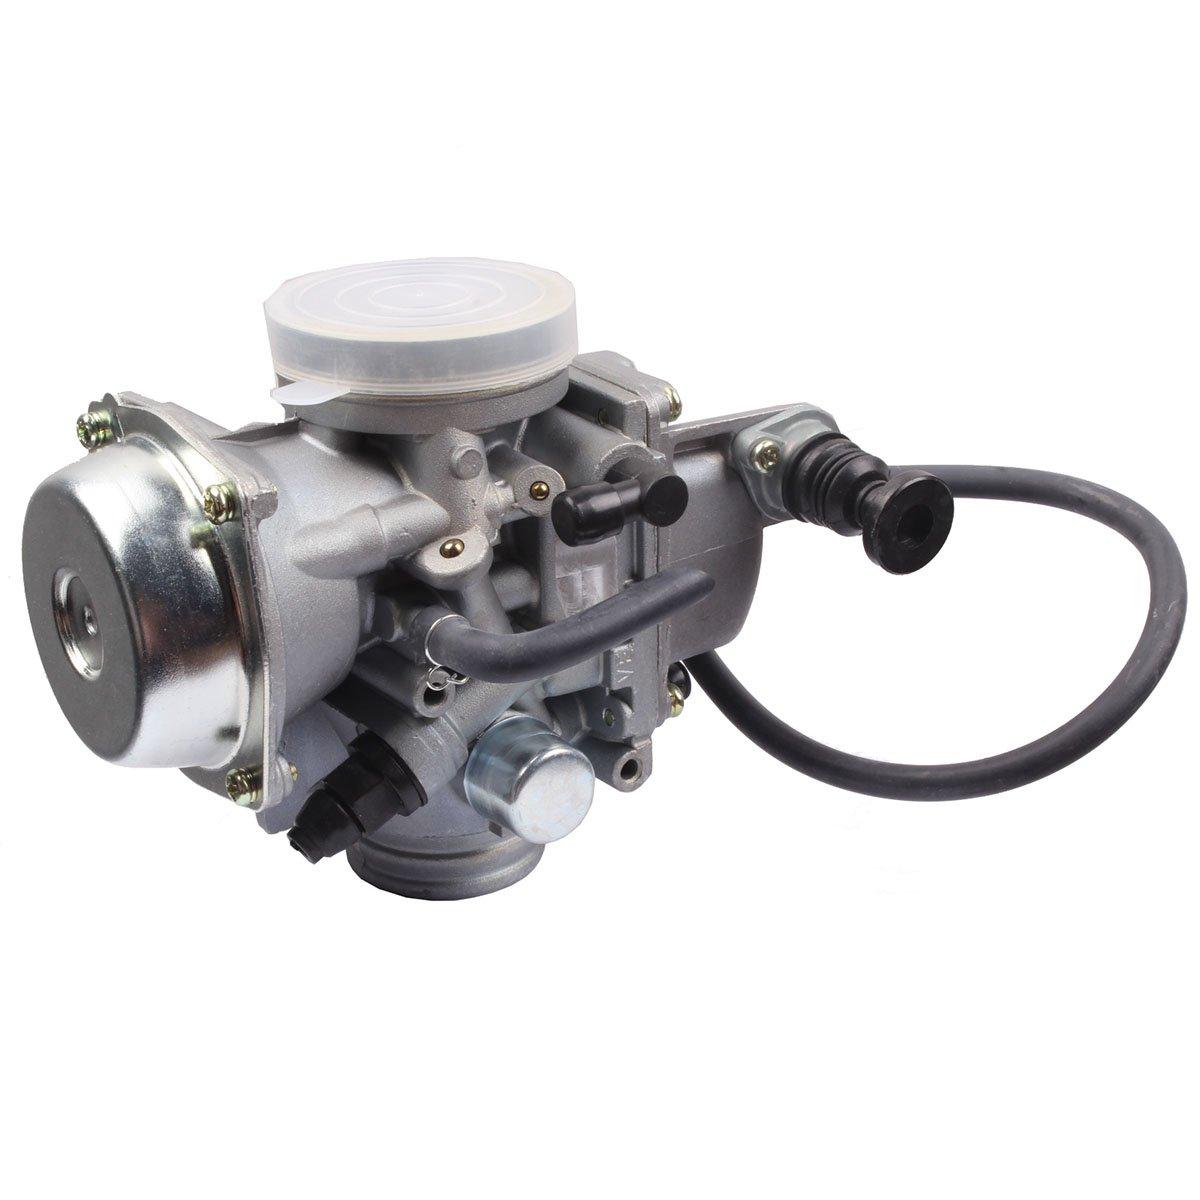 HONDA TRX350 ATV CARBURETOR TRX 350 RANCHER 350ES/FE/FMTE/TM/CARB 2000-2006 TRX300 1988-2000 TRX400 TRX 400FW Foreman CARB, TRX 450 Carburetor TRX450FE 450FE FE Foreman CARB by BETOOLL (Image #4)